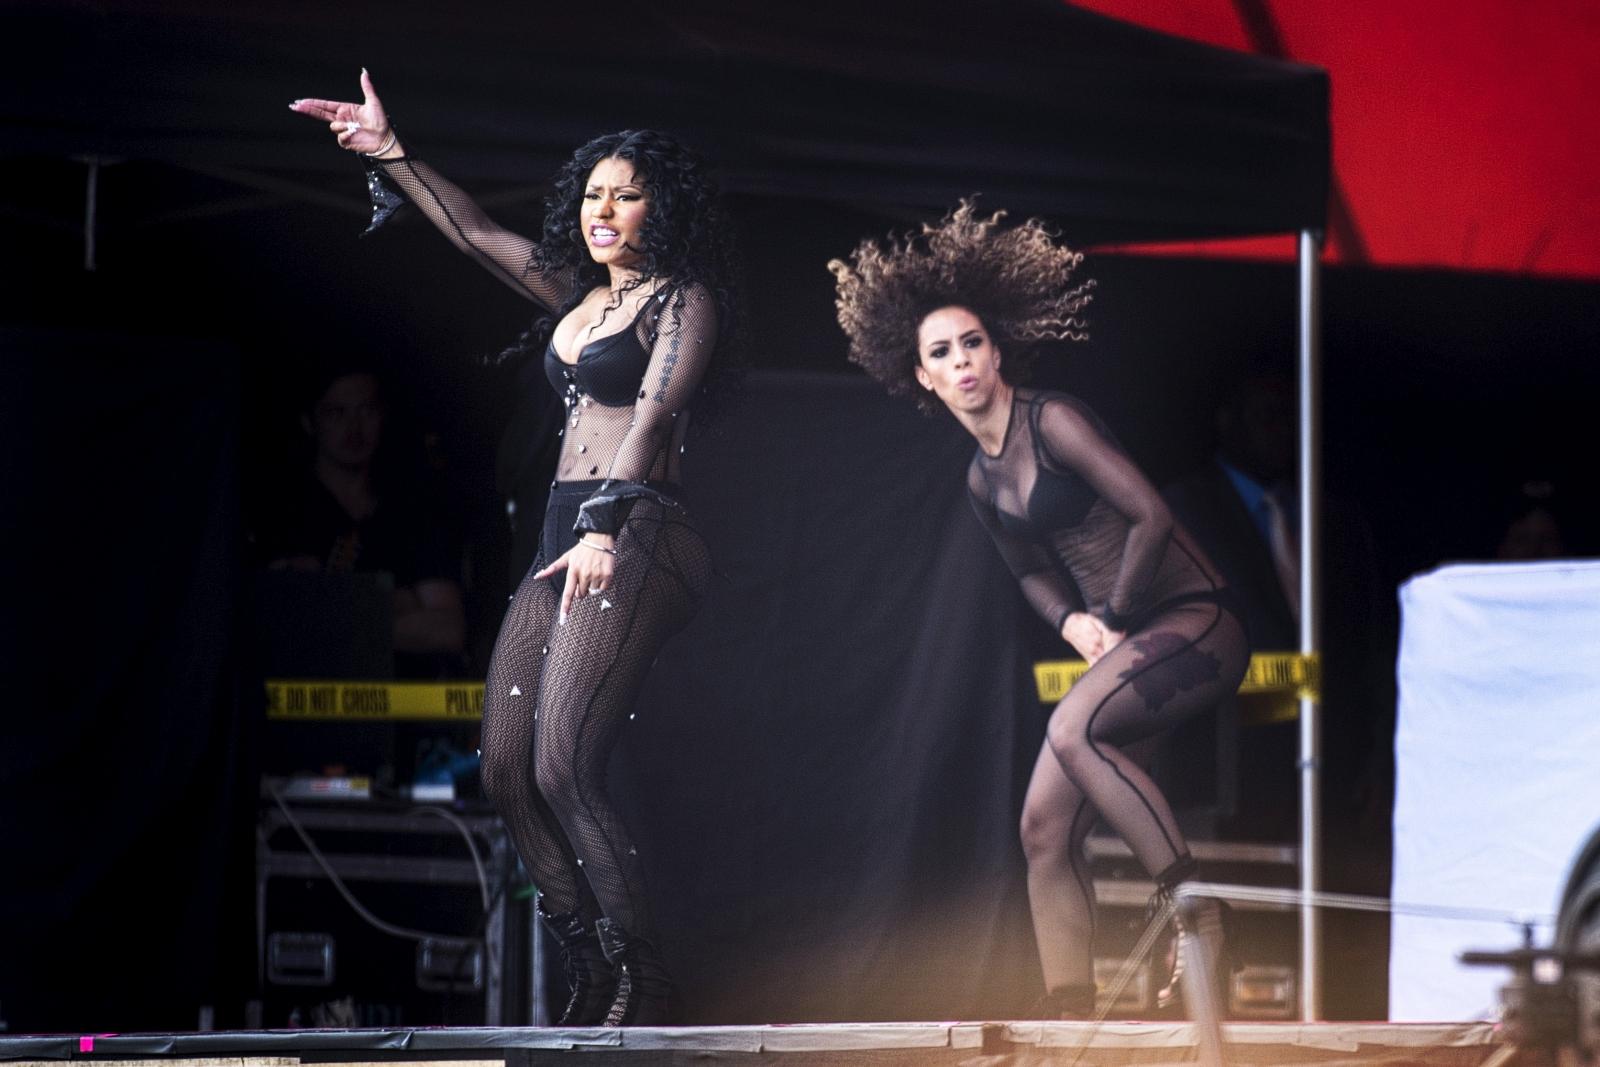 Nicki Minaj performing in Denmark